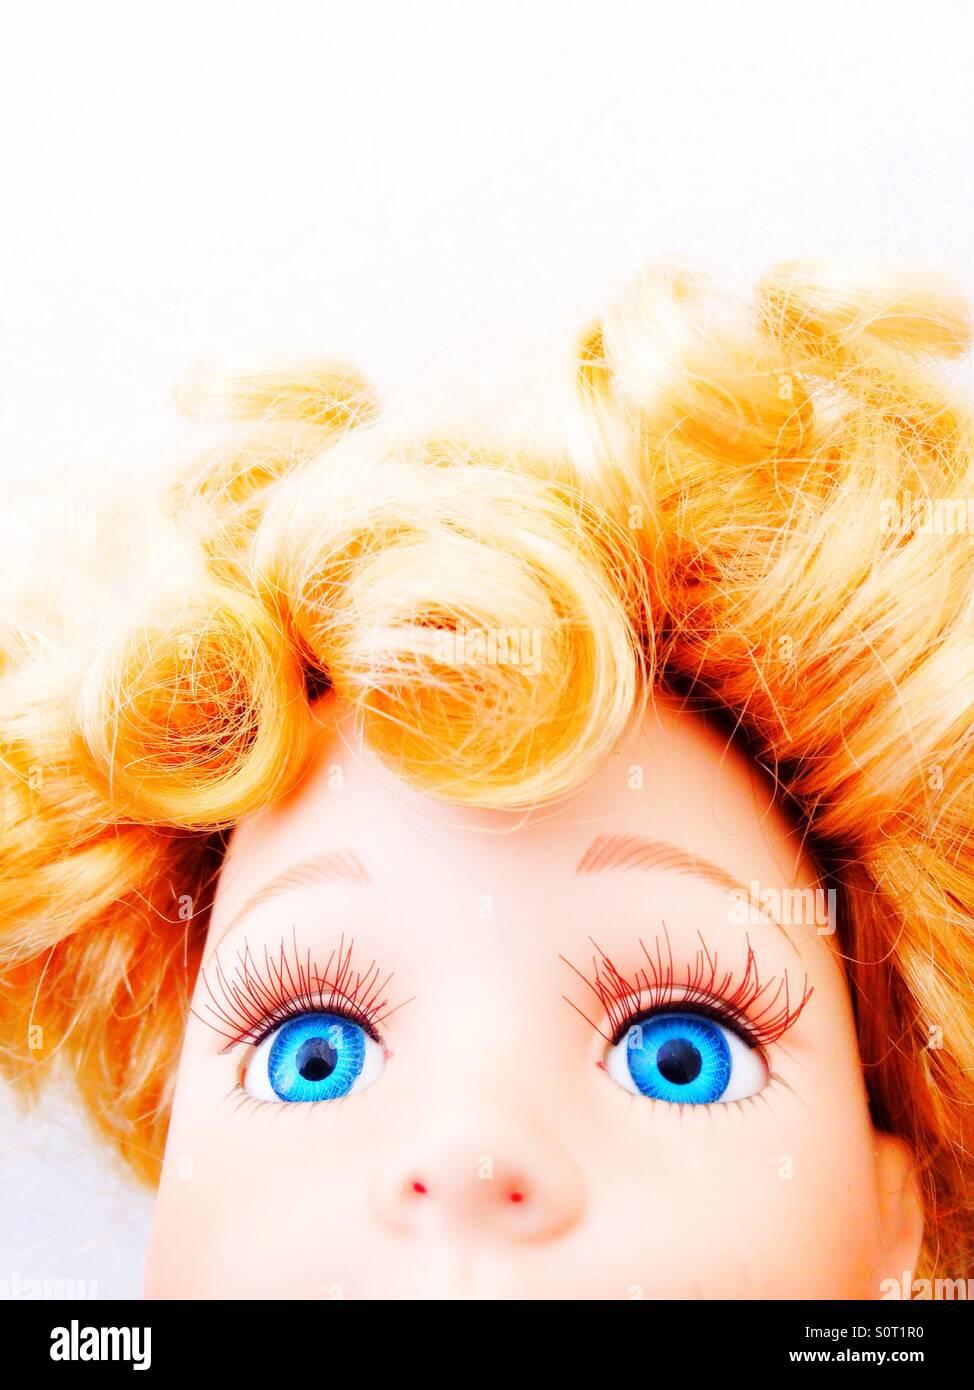 Un gros plan d'une énorme poupée, les yeux bleus. Photo Stock